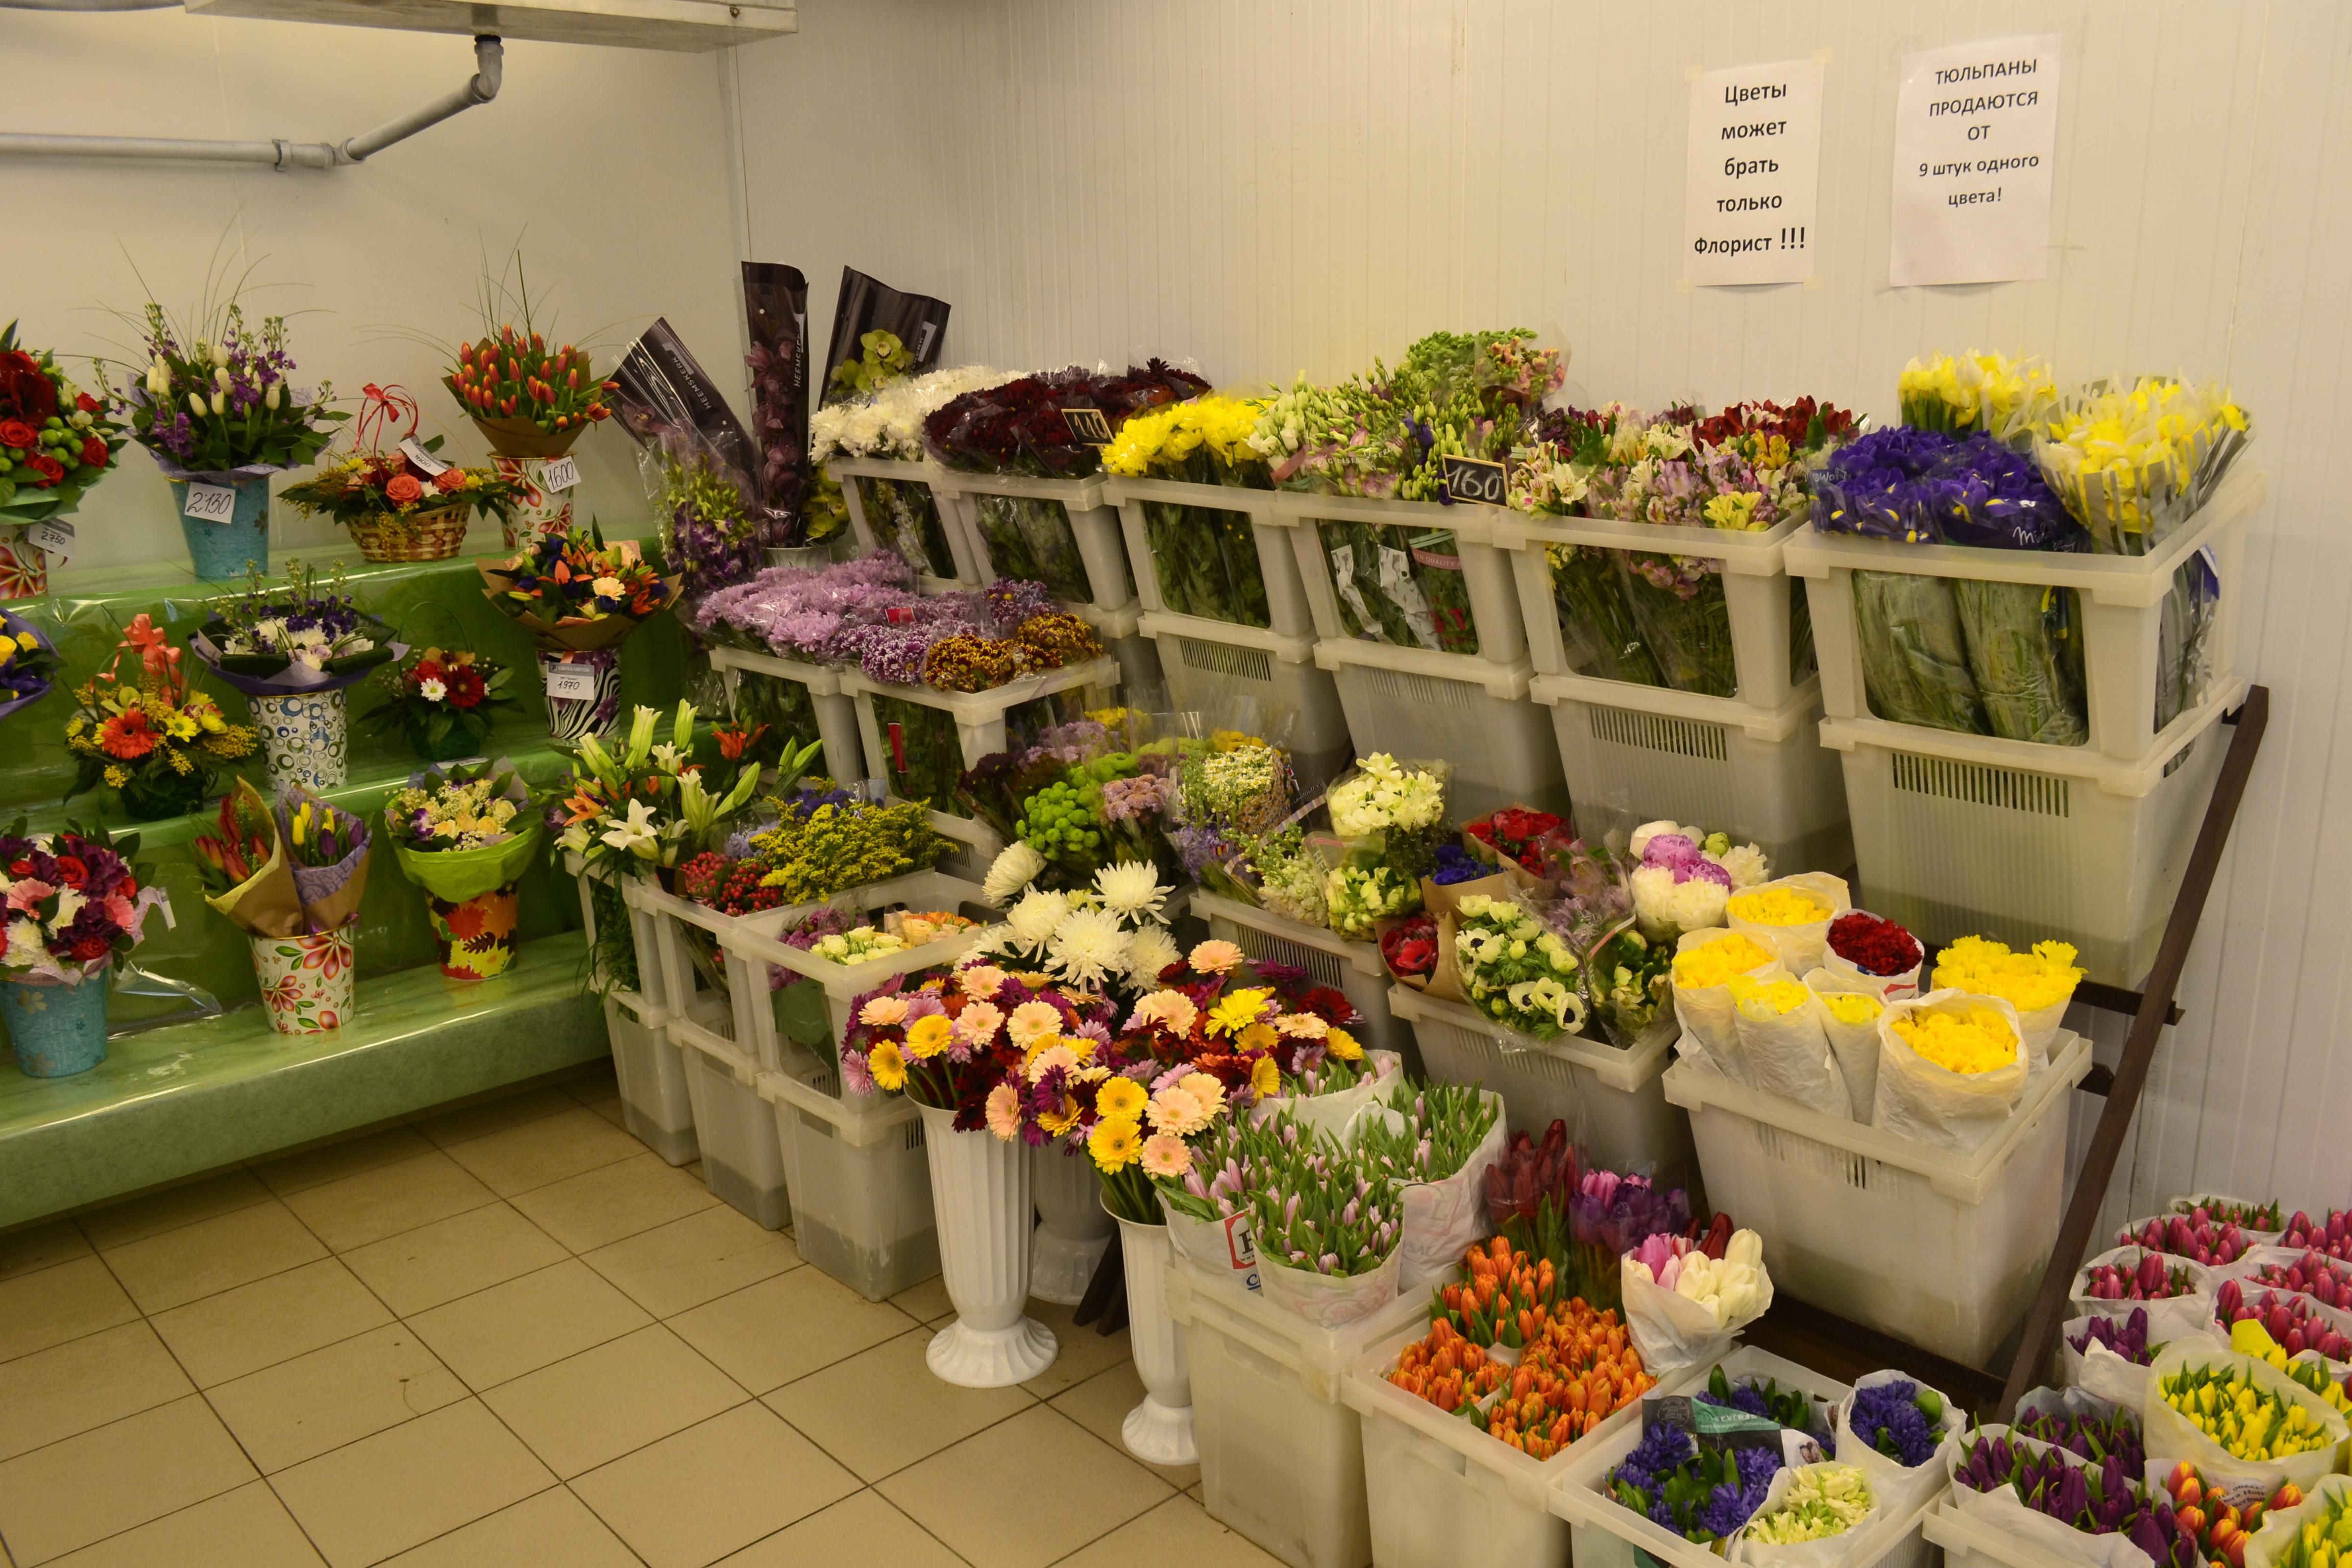 Где купить свежие цветы в москве отзывы, цветы доставкой